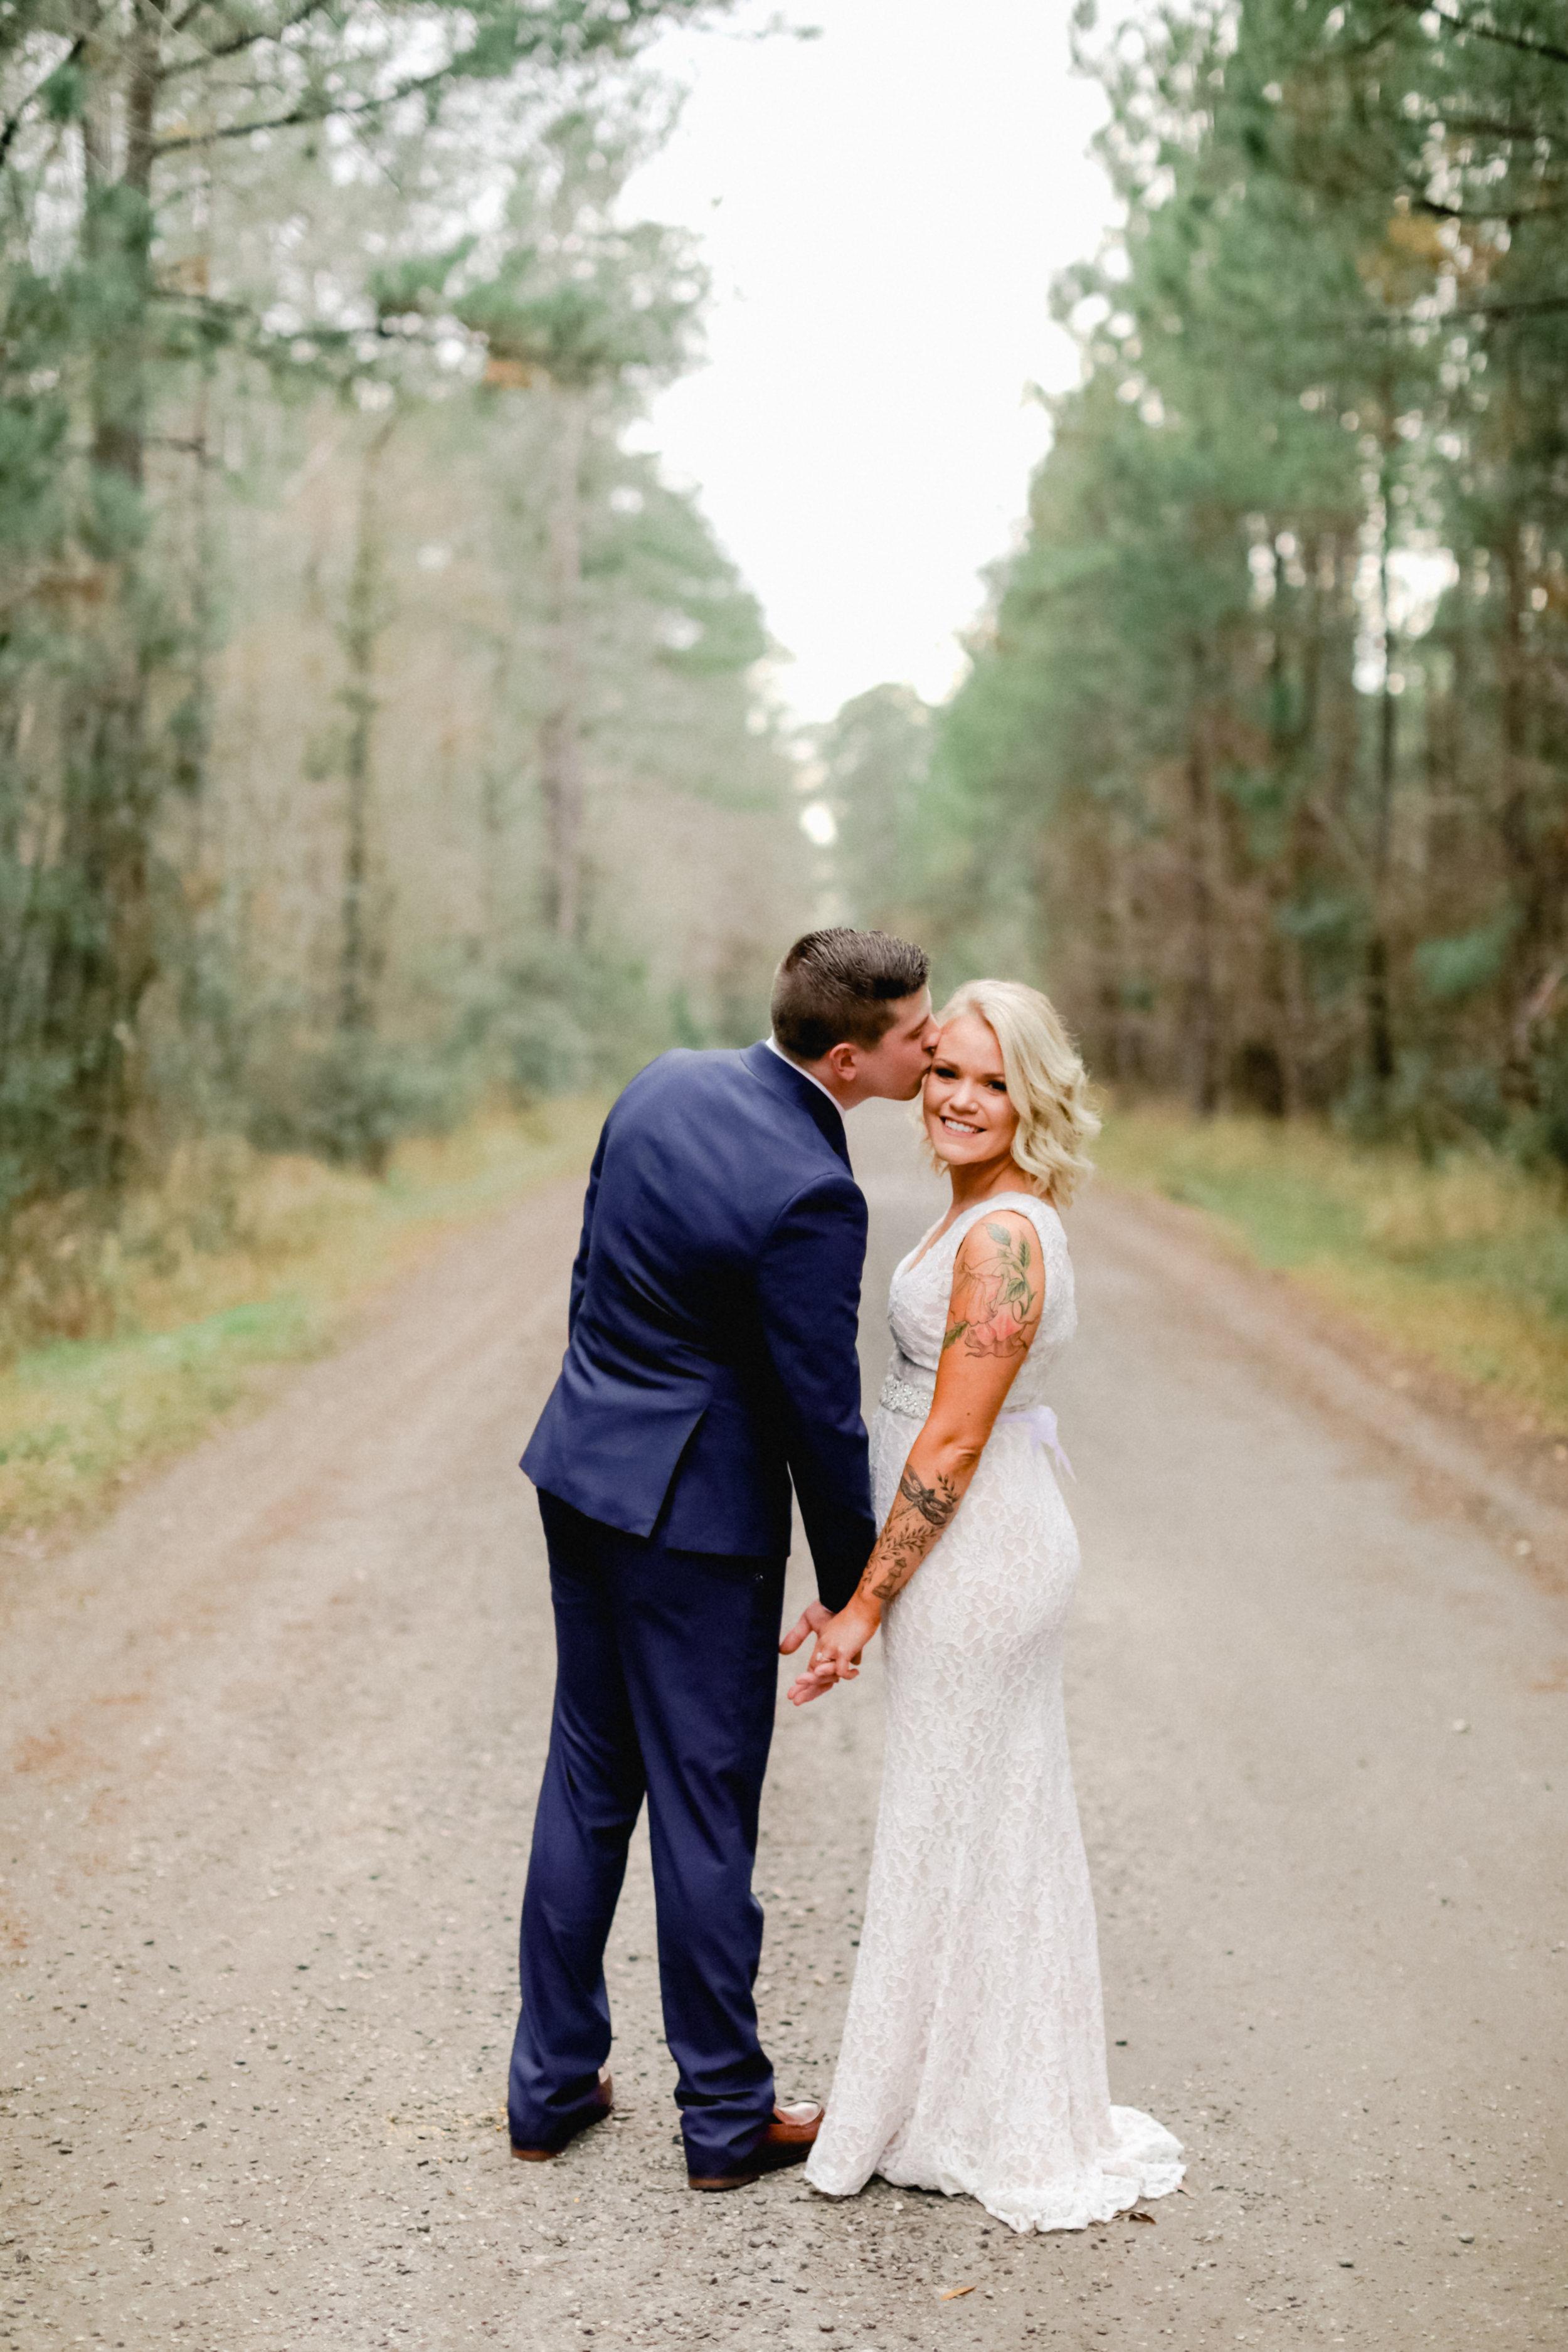 sara_kyle_married_newlywed_finals_2019-124.jpg